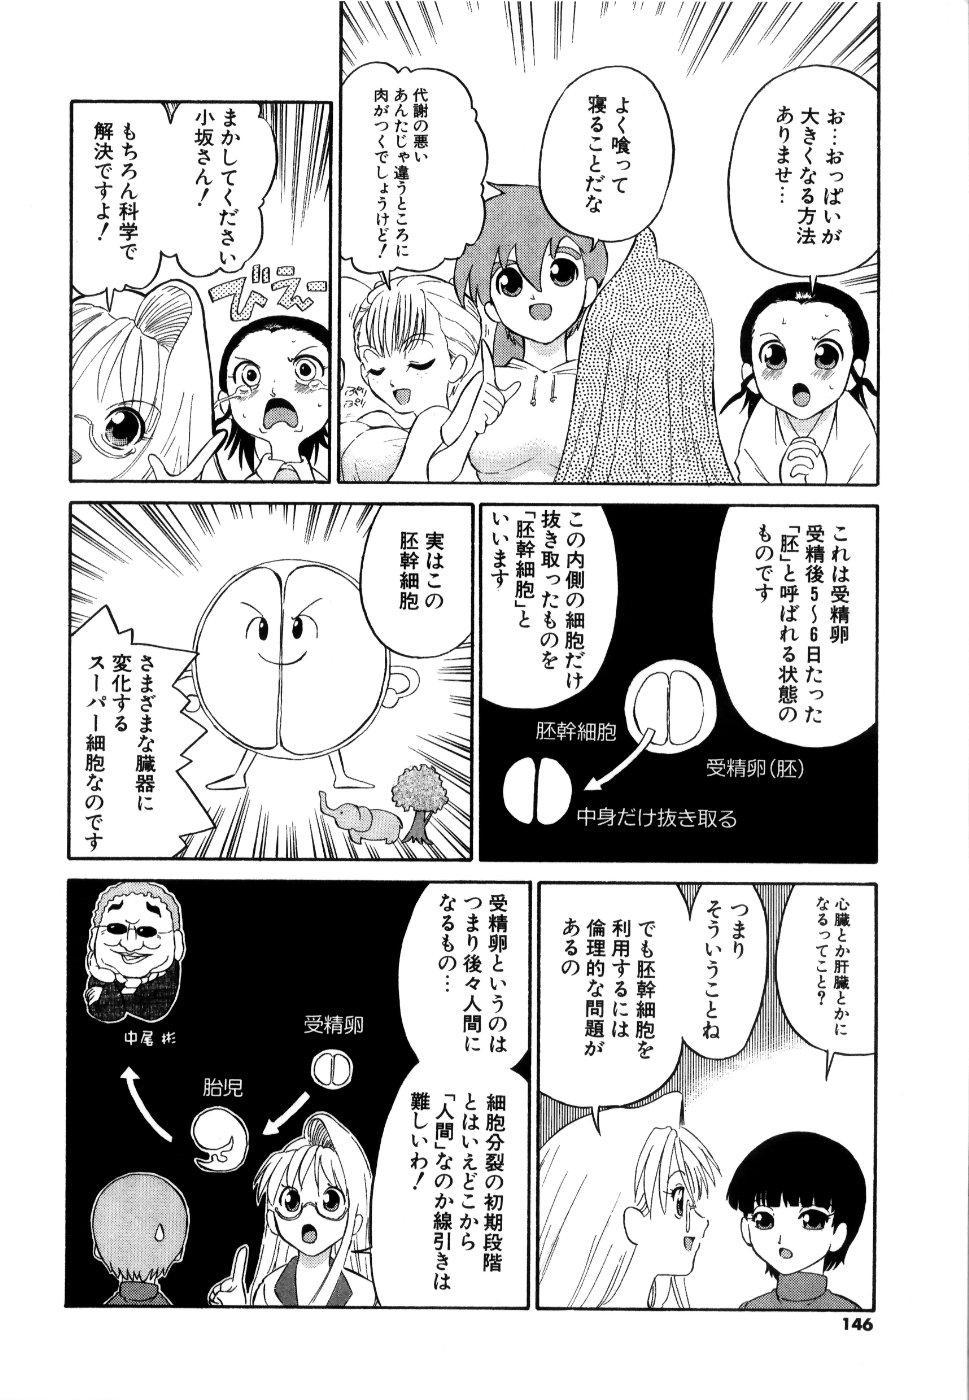 [Dozamura] Doguu -Dozamura Guuwa- Kuro 146